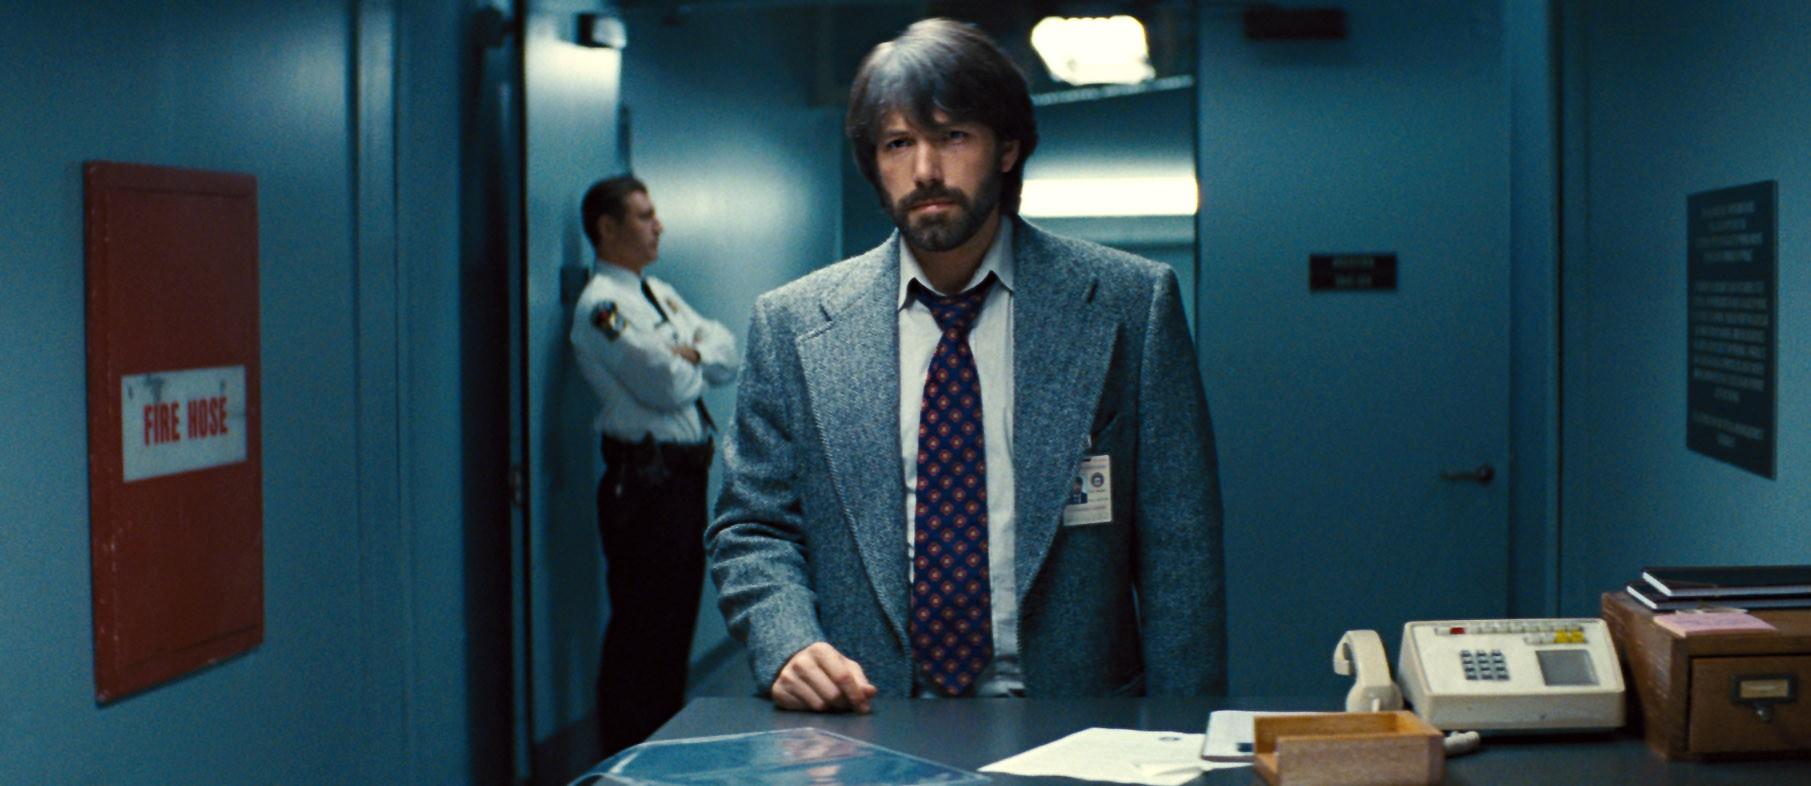 Ben Affleck no filme Argo (Foto: Divulgação )